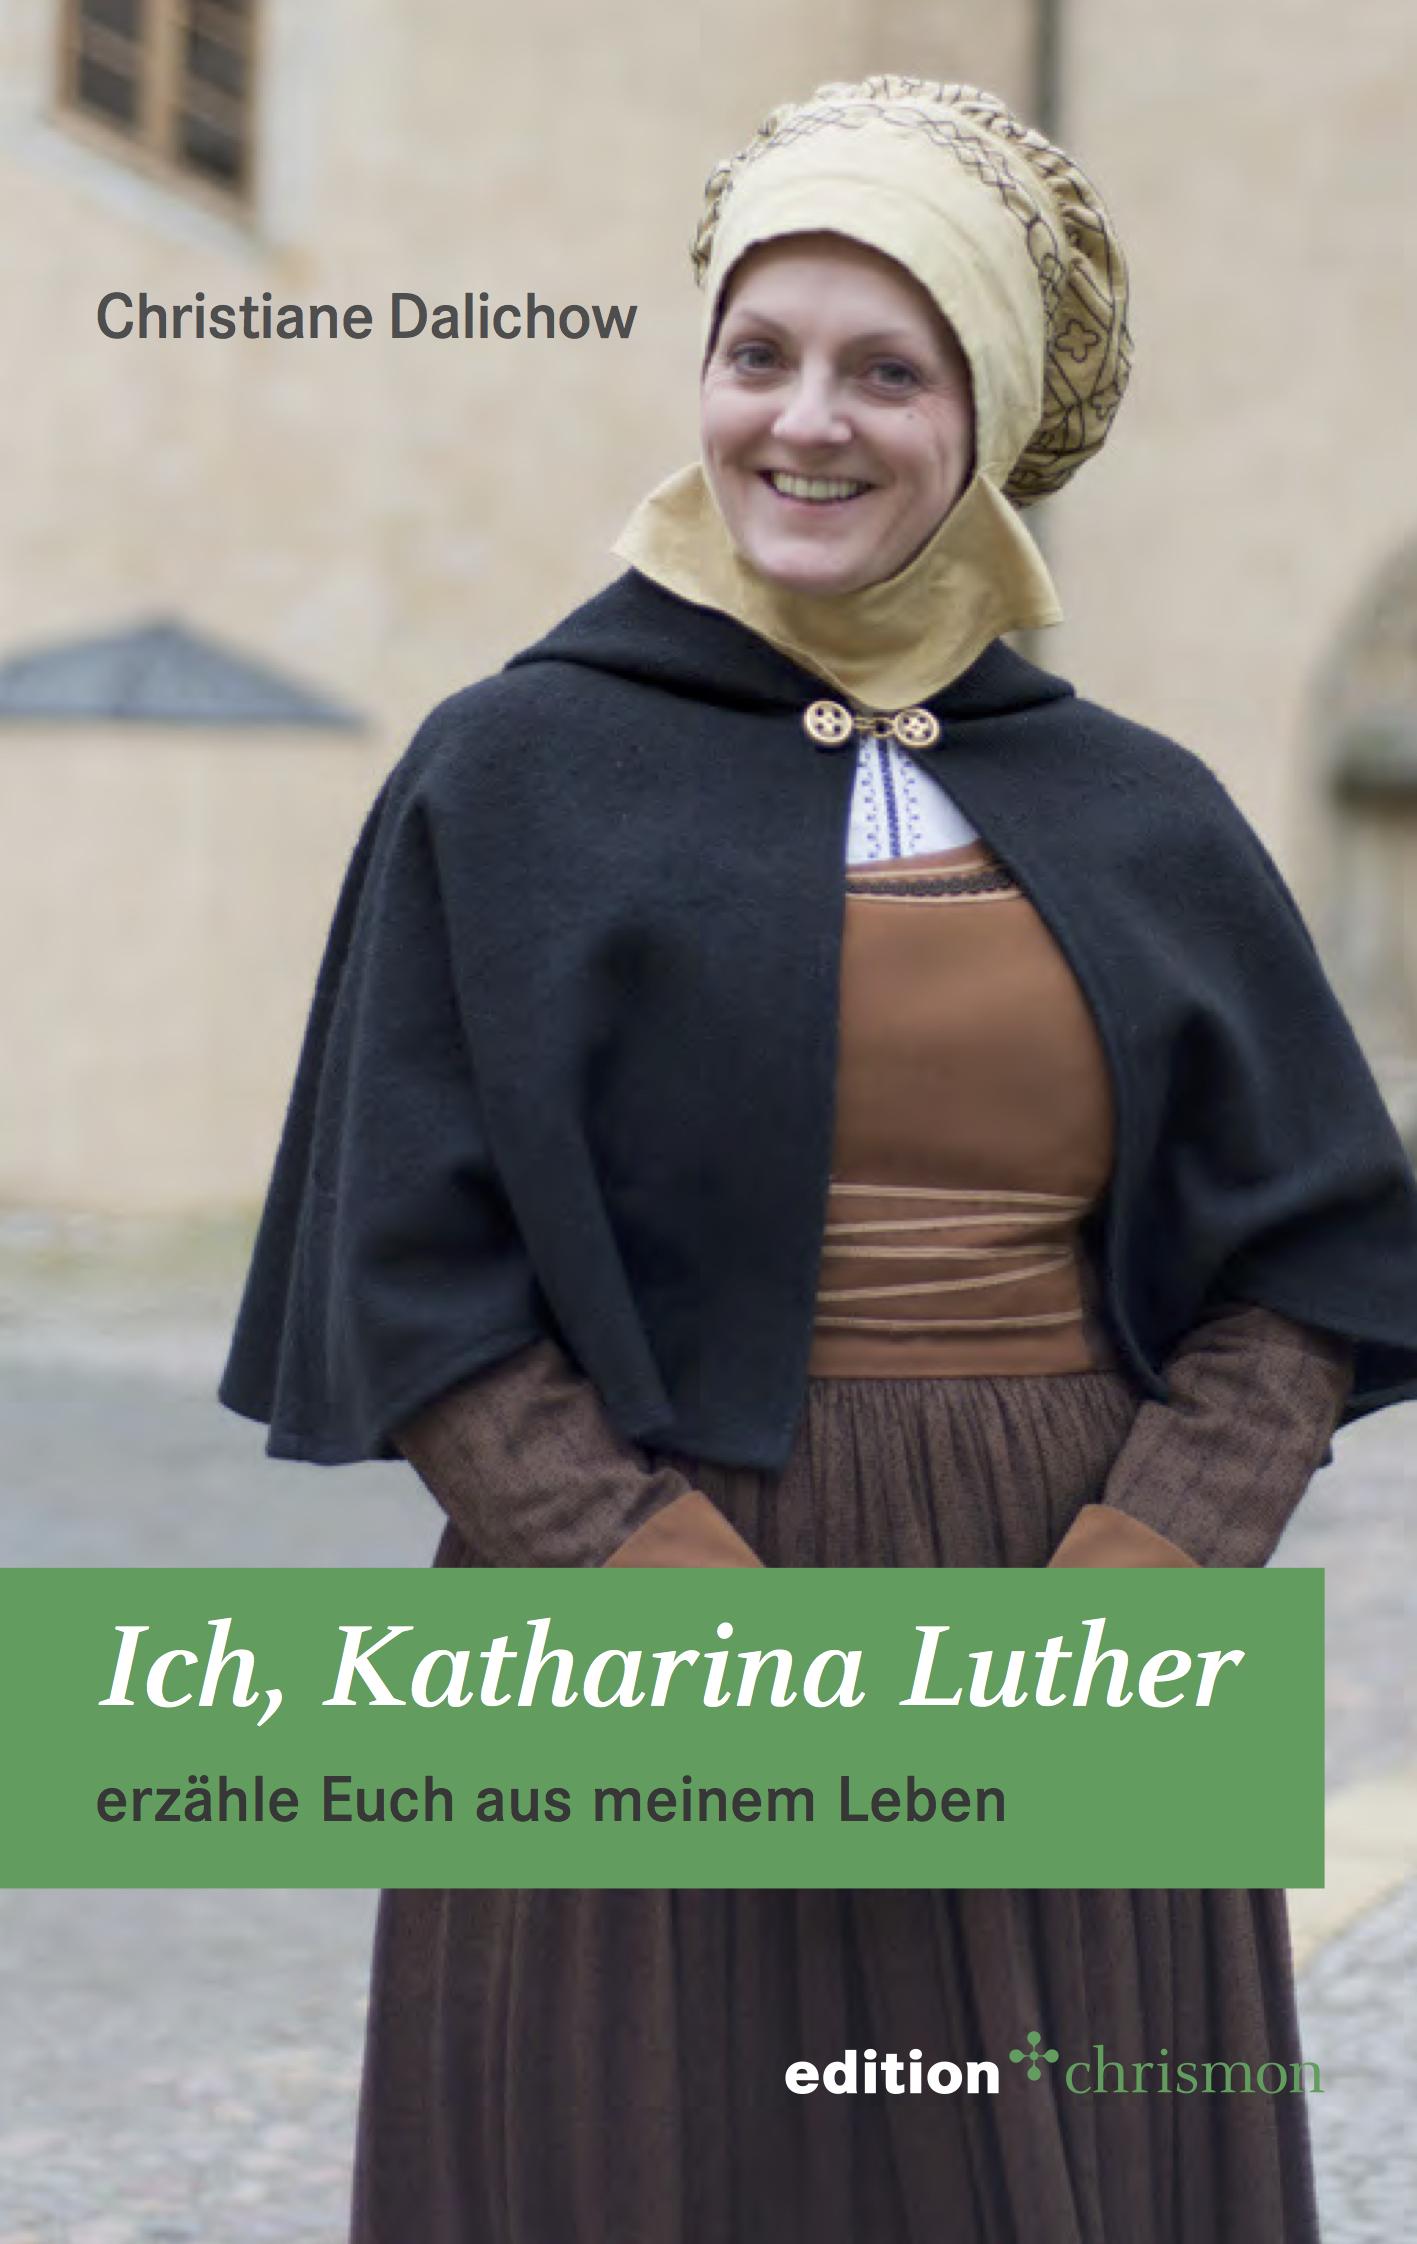 Briefe Von Luther : Ich katharina luther von dalichow christiane erzähle